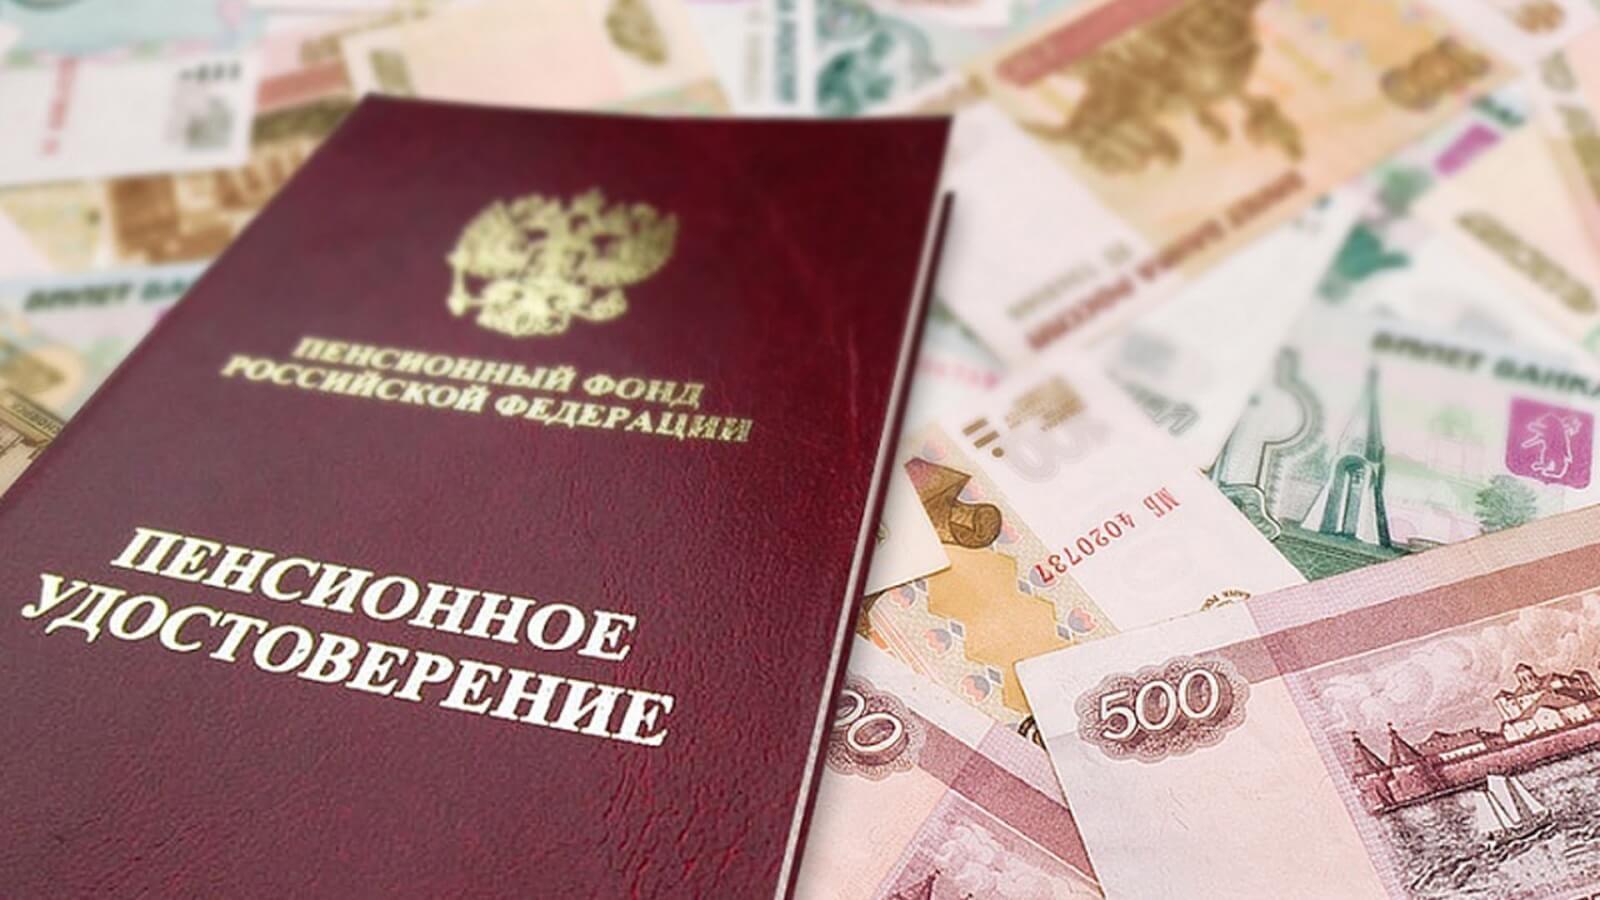 1 января в России появится новый вид пенсии